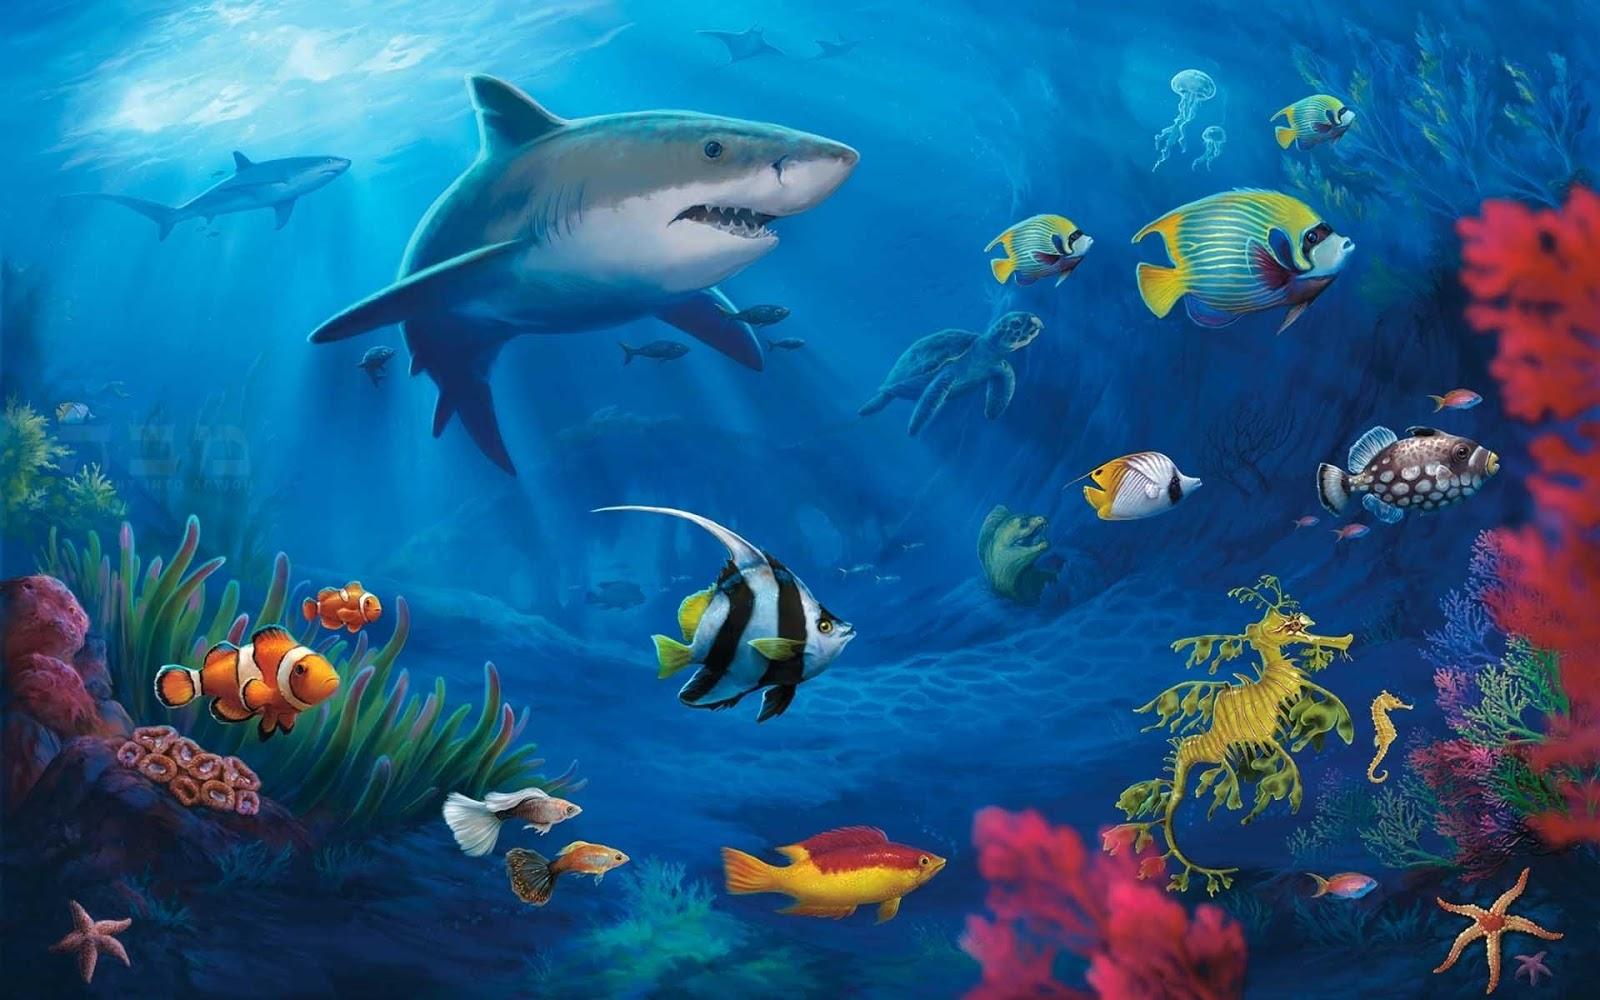 HD Wallpapers Desktop Ocean Life HD DeskTop Wallpapers 1600x1000